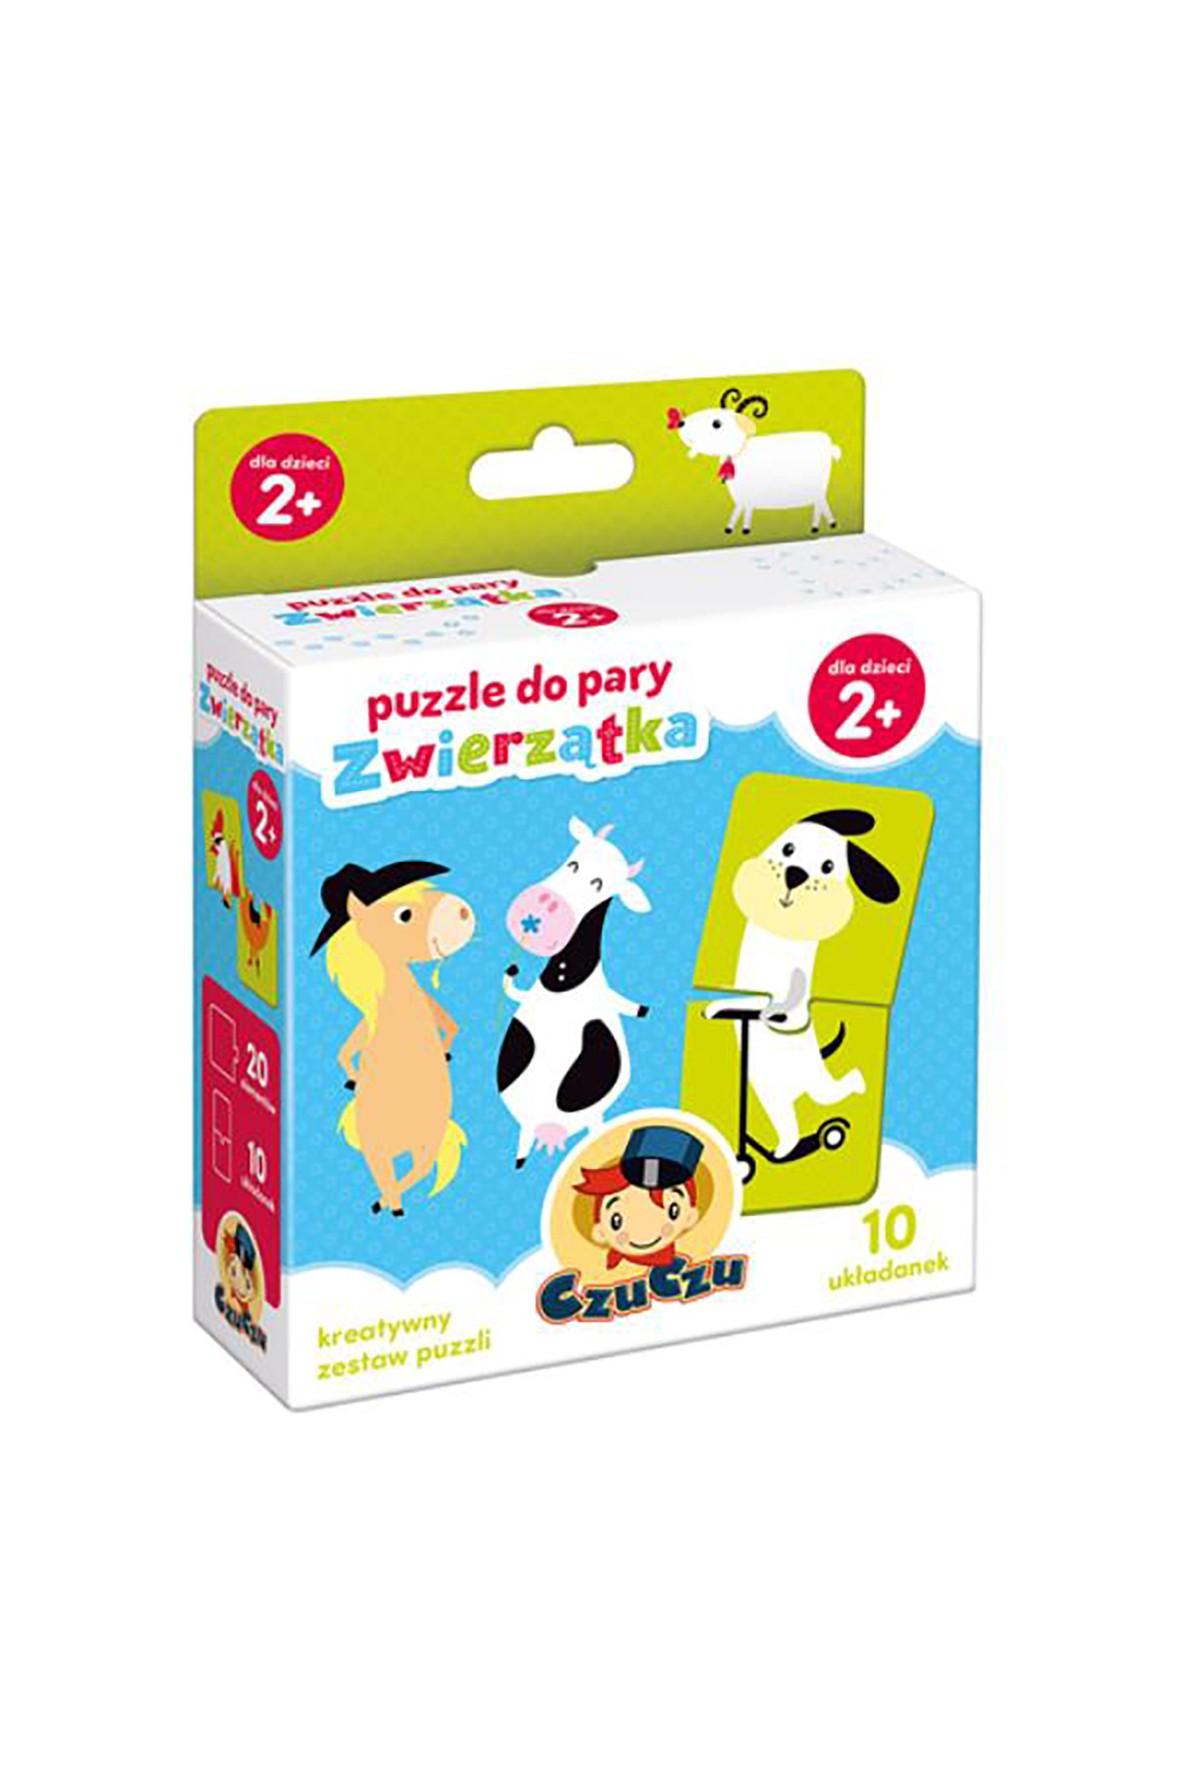 Puzzle do pary Zwierzątka CzuCzu 10el 2+